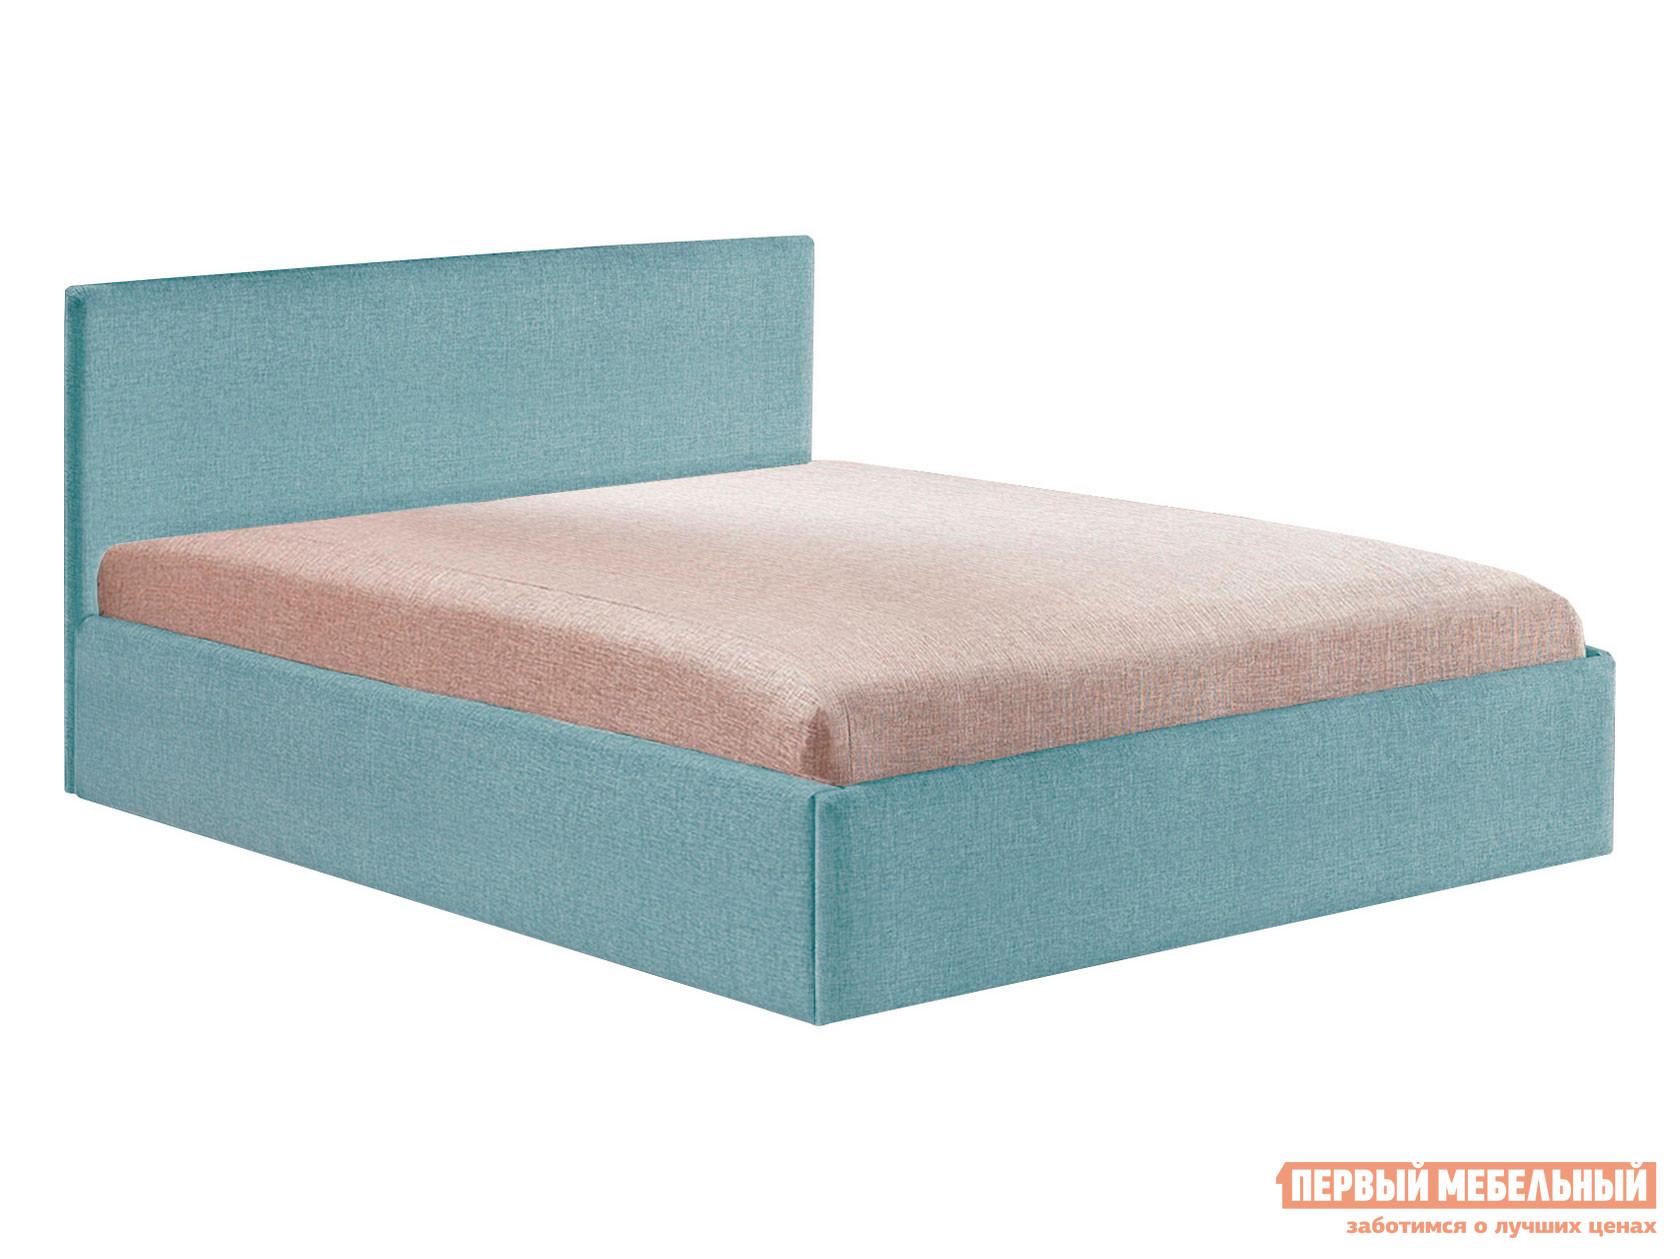 купить кровать с матрасом в воронеже каталог и цены фото